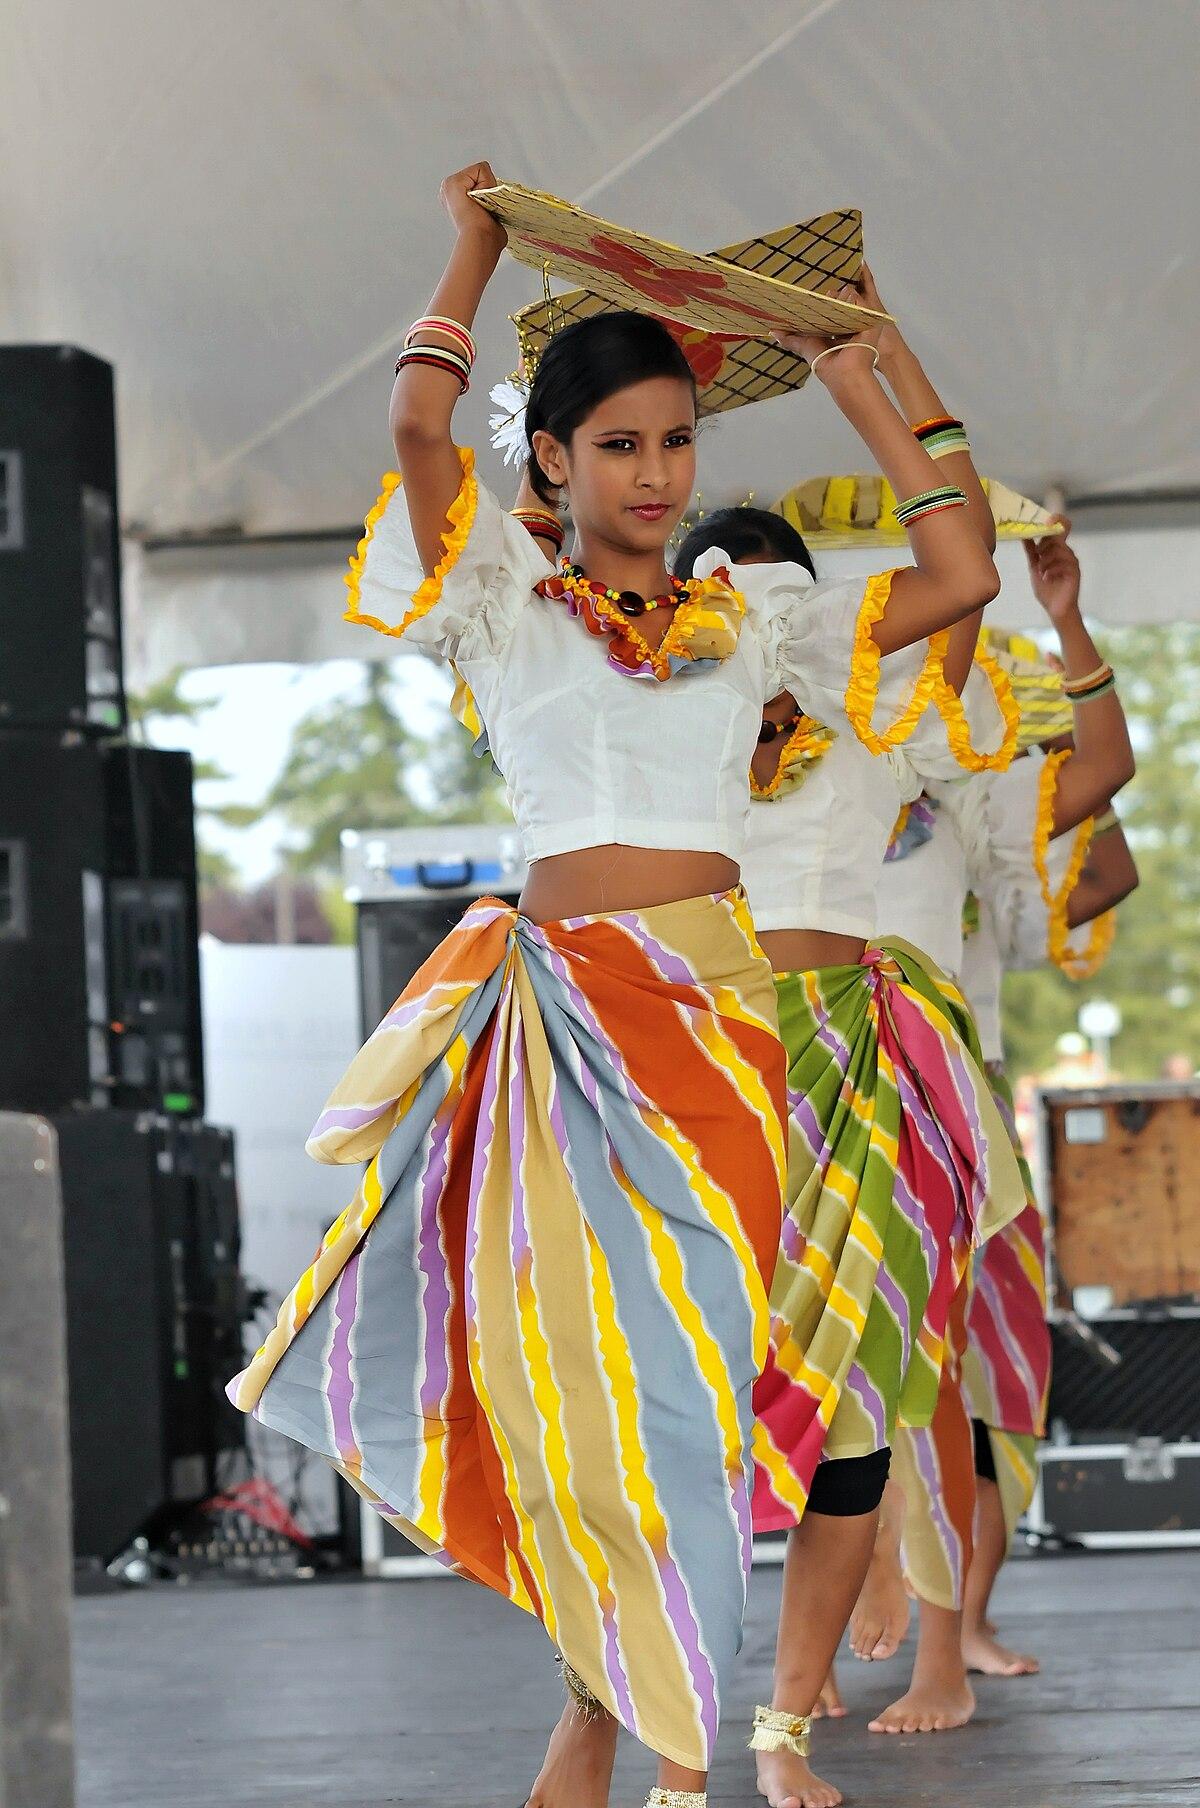 ad32ae5e0d9 Dances of Sri Lanka - Wikipedia